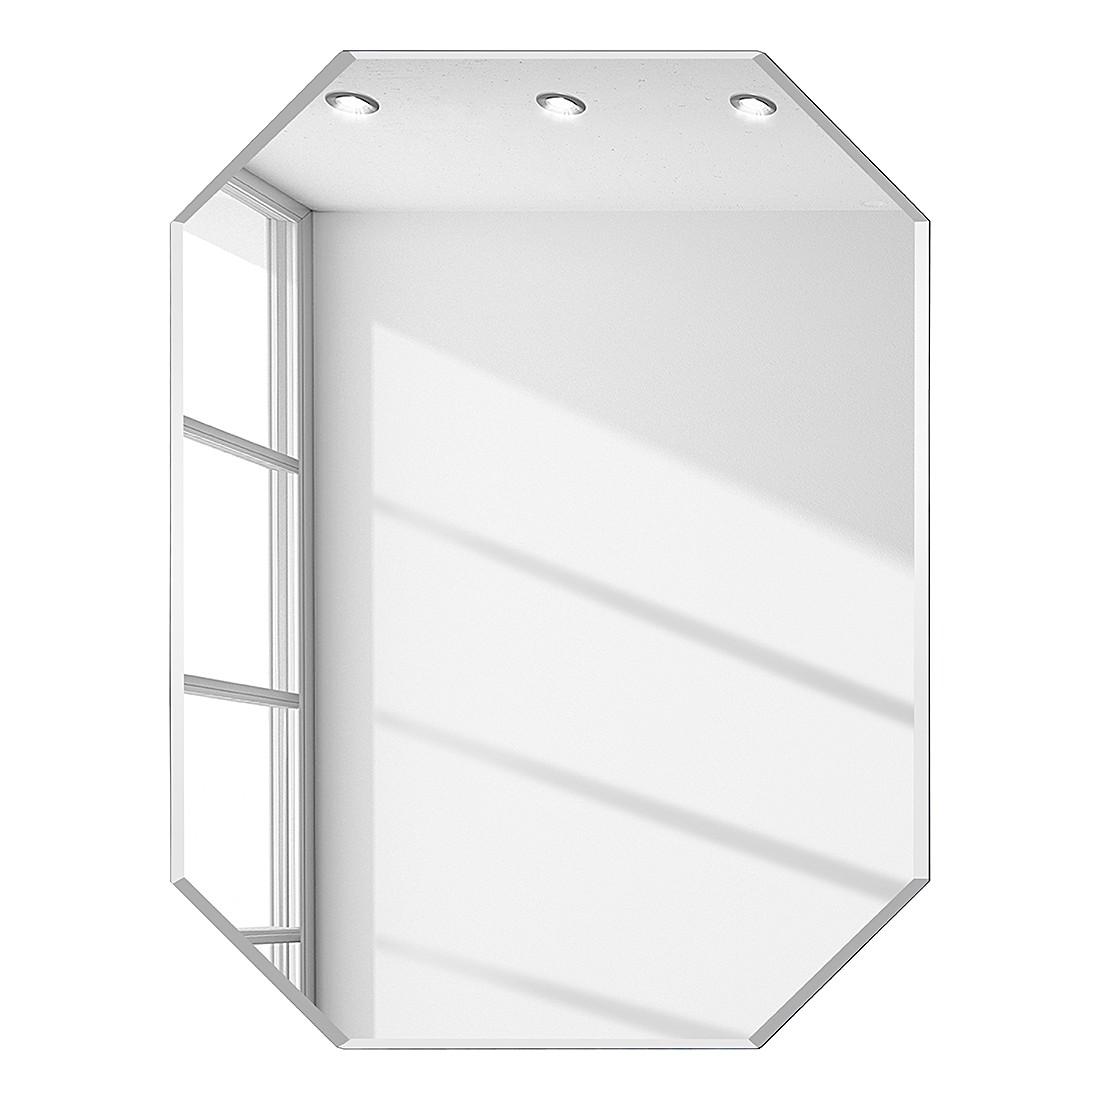 spiegel elly 45 x 60 cm mooved g nstig online kaufen. Black Bedroom Furniture Sets. Home Design Ideas